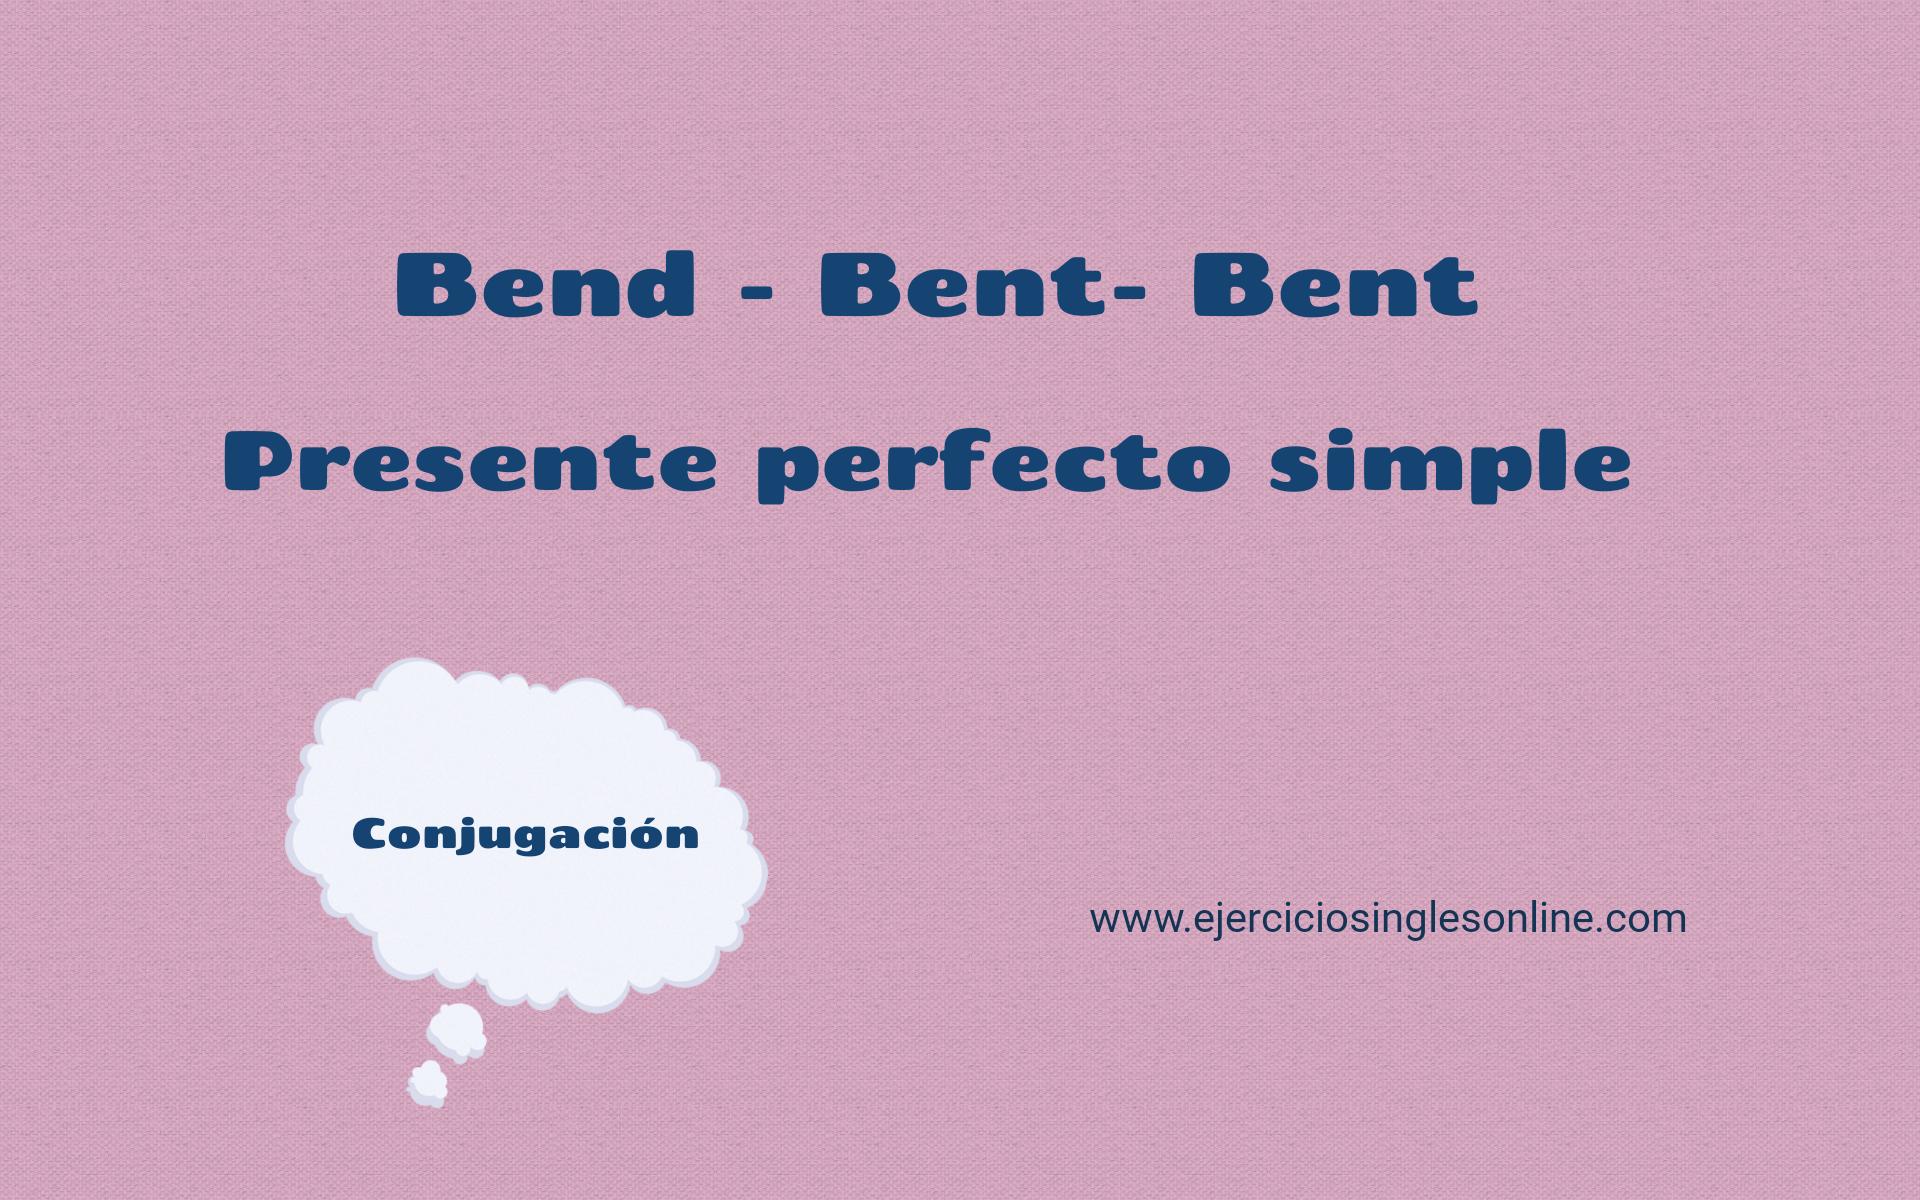 Bend - Presente perfecto simple